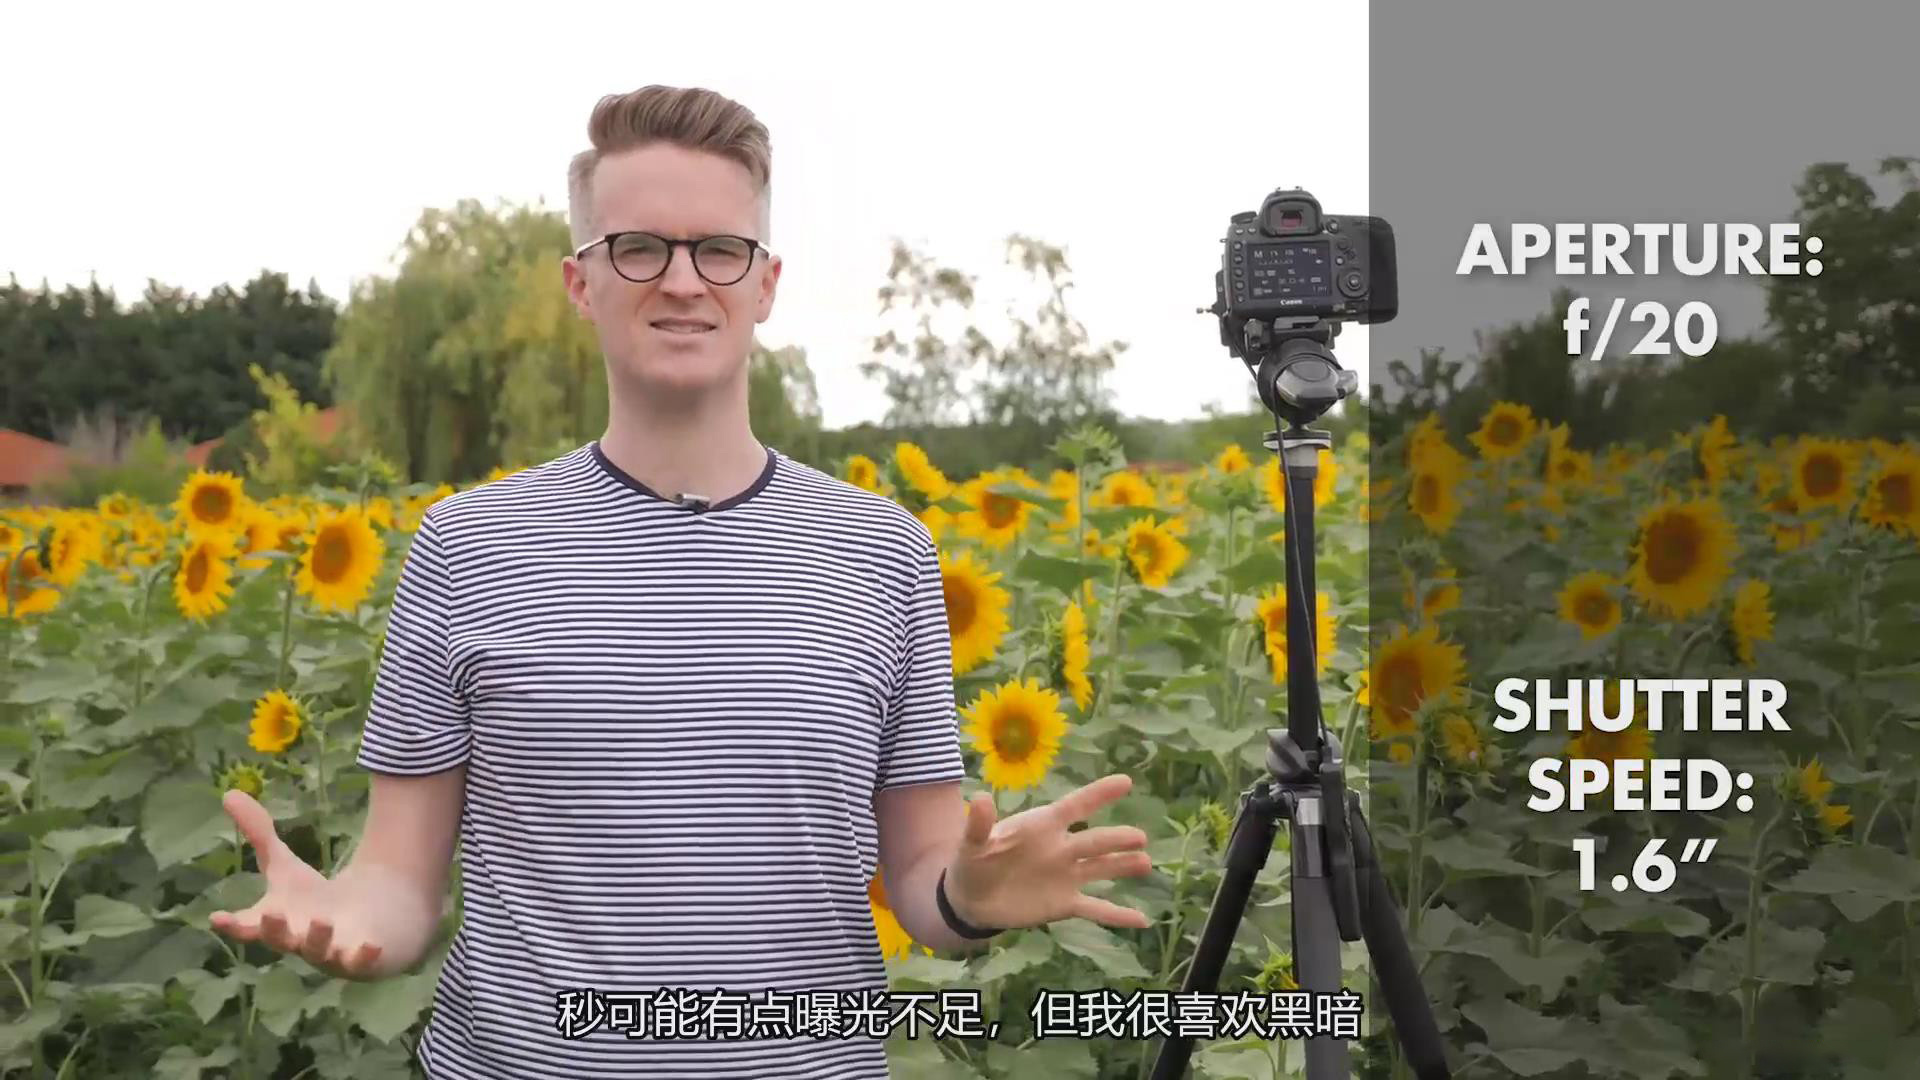 摄影教程_JOSHUA DUNLOP-30天创意摄影产品项目视频课程-中文字幕 摄影教程 _预览图3